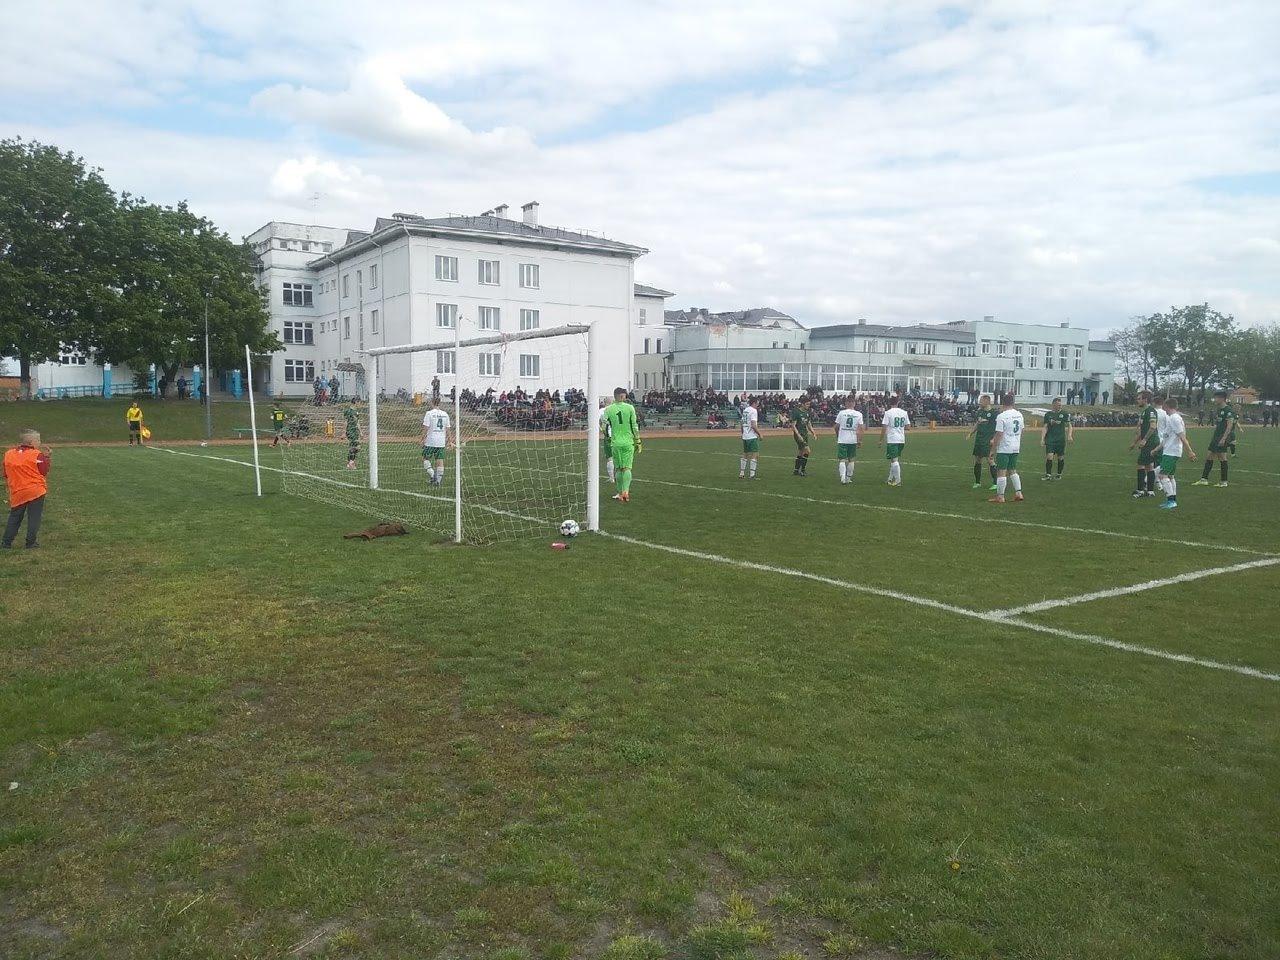 «Огуречники» открывают футбольный сезон в Пинске